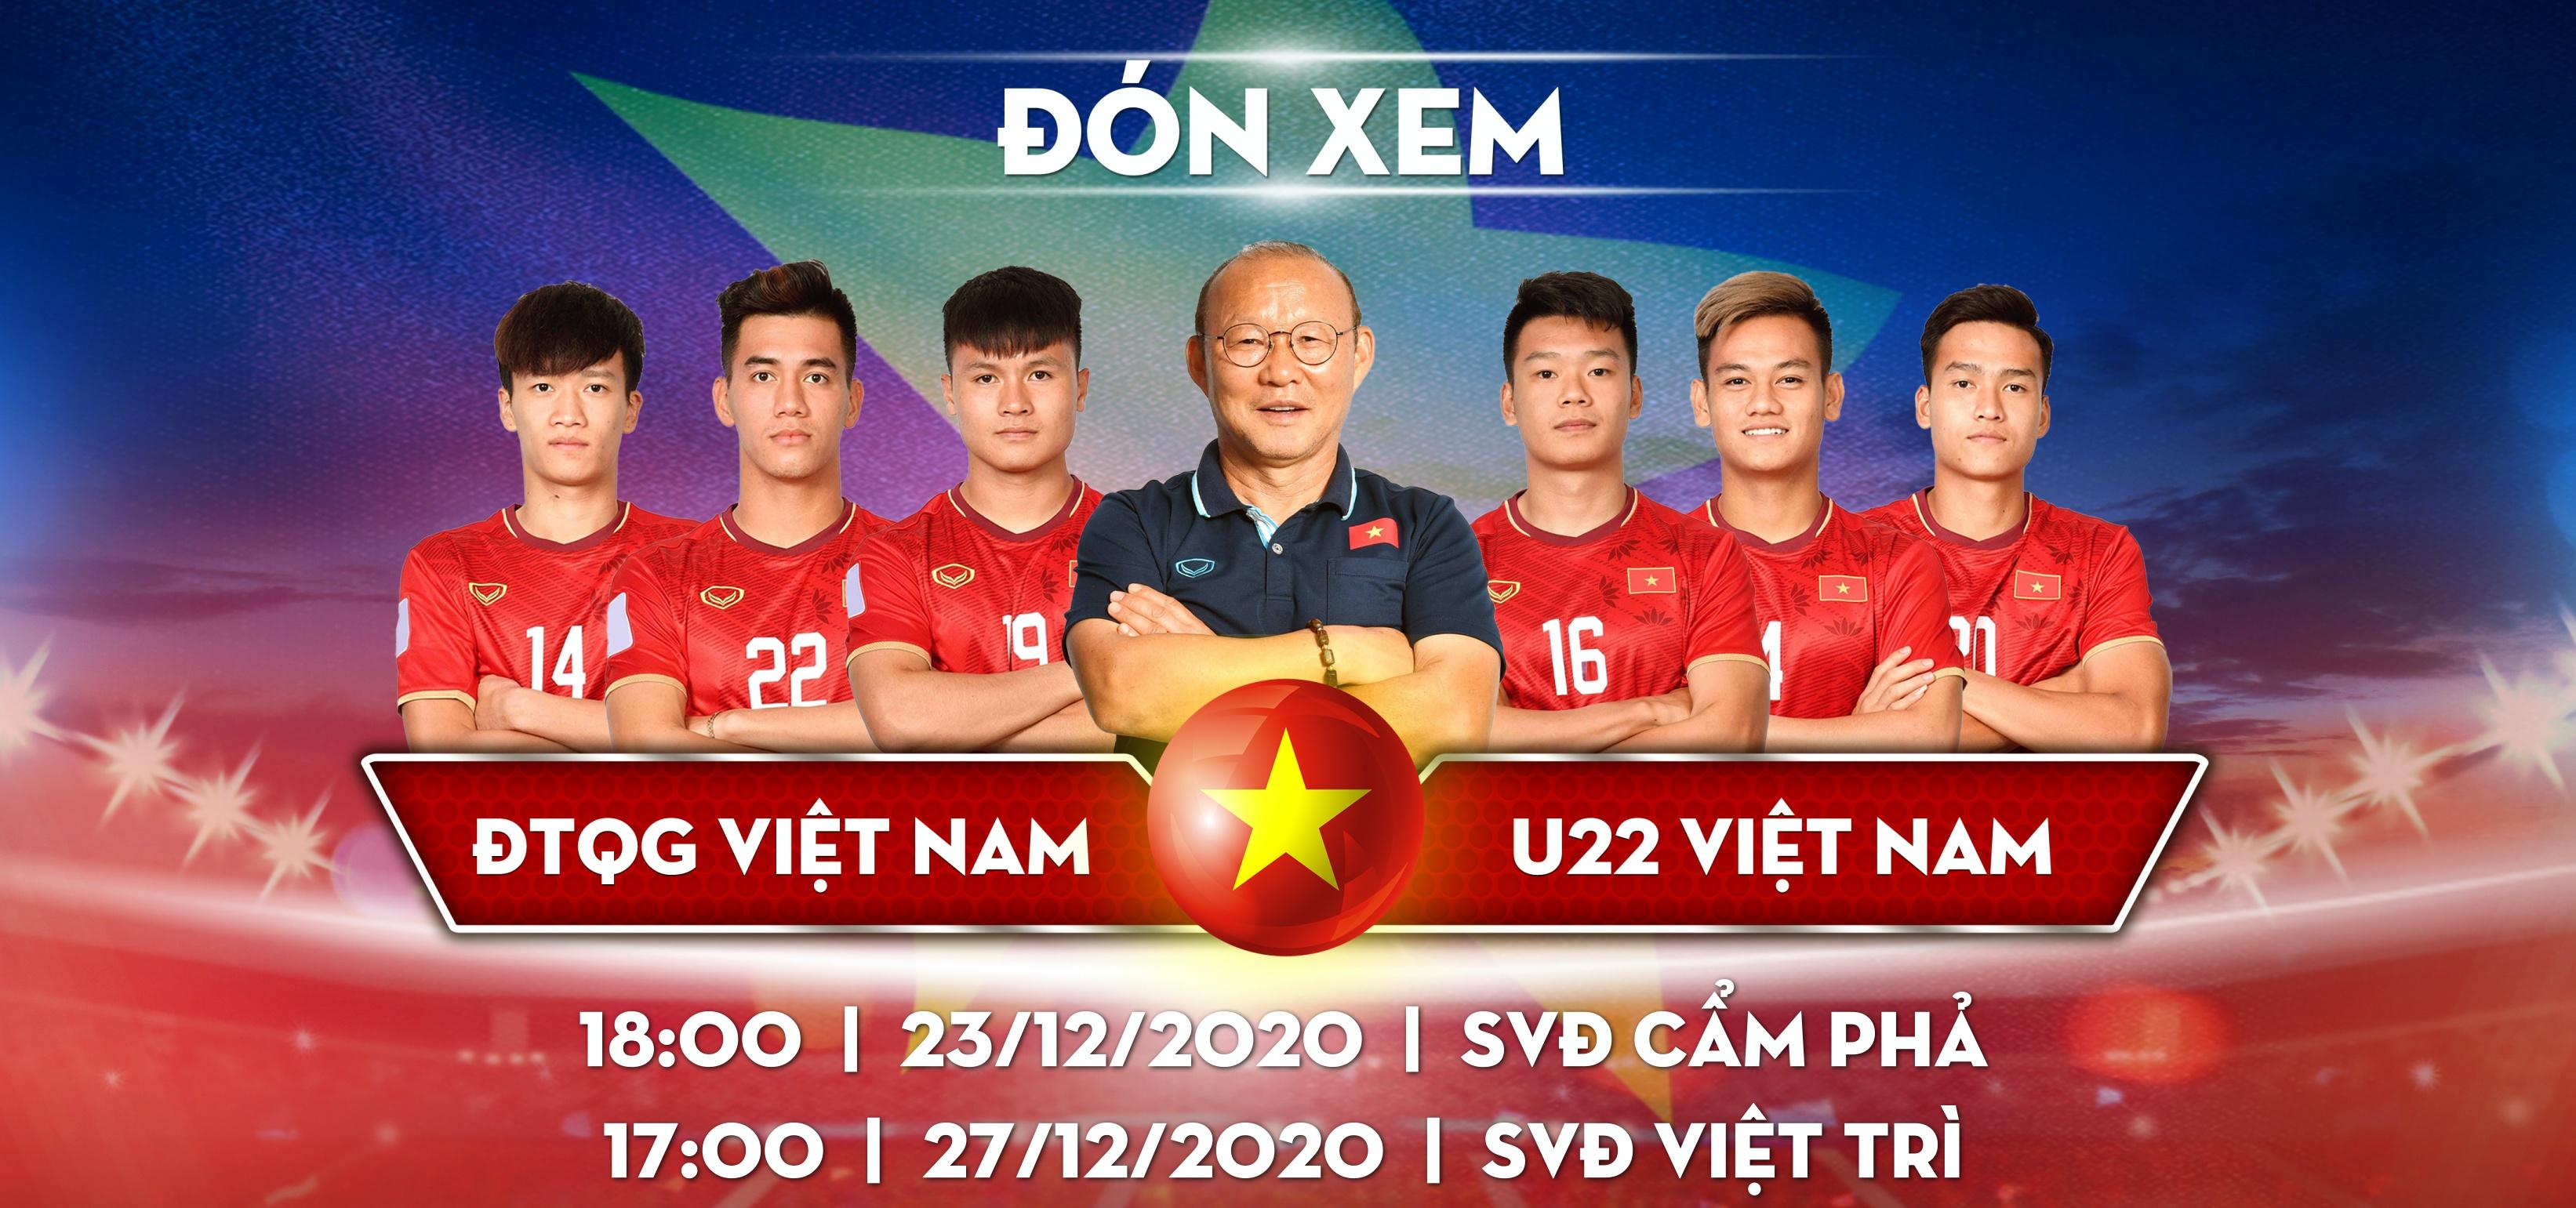 ĐTQG Việt Nam sẽ có 2 trận giao hữu với U22 Việt Nam